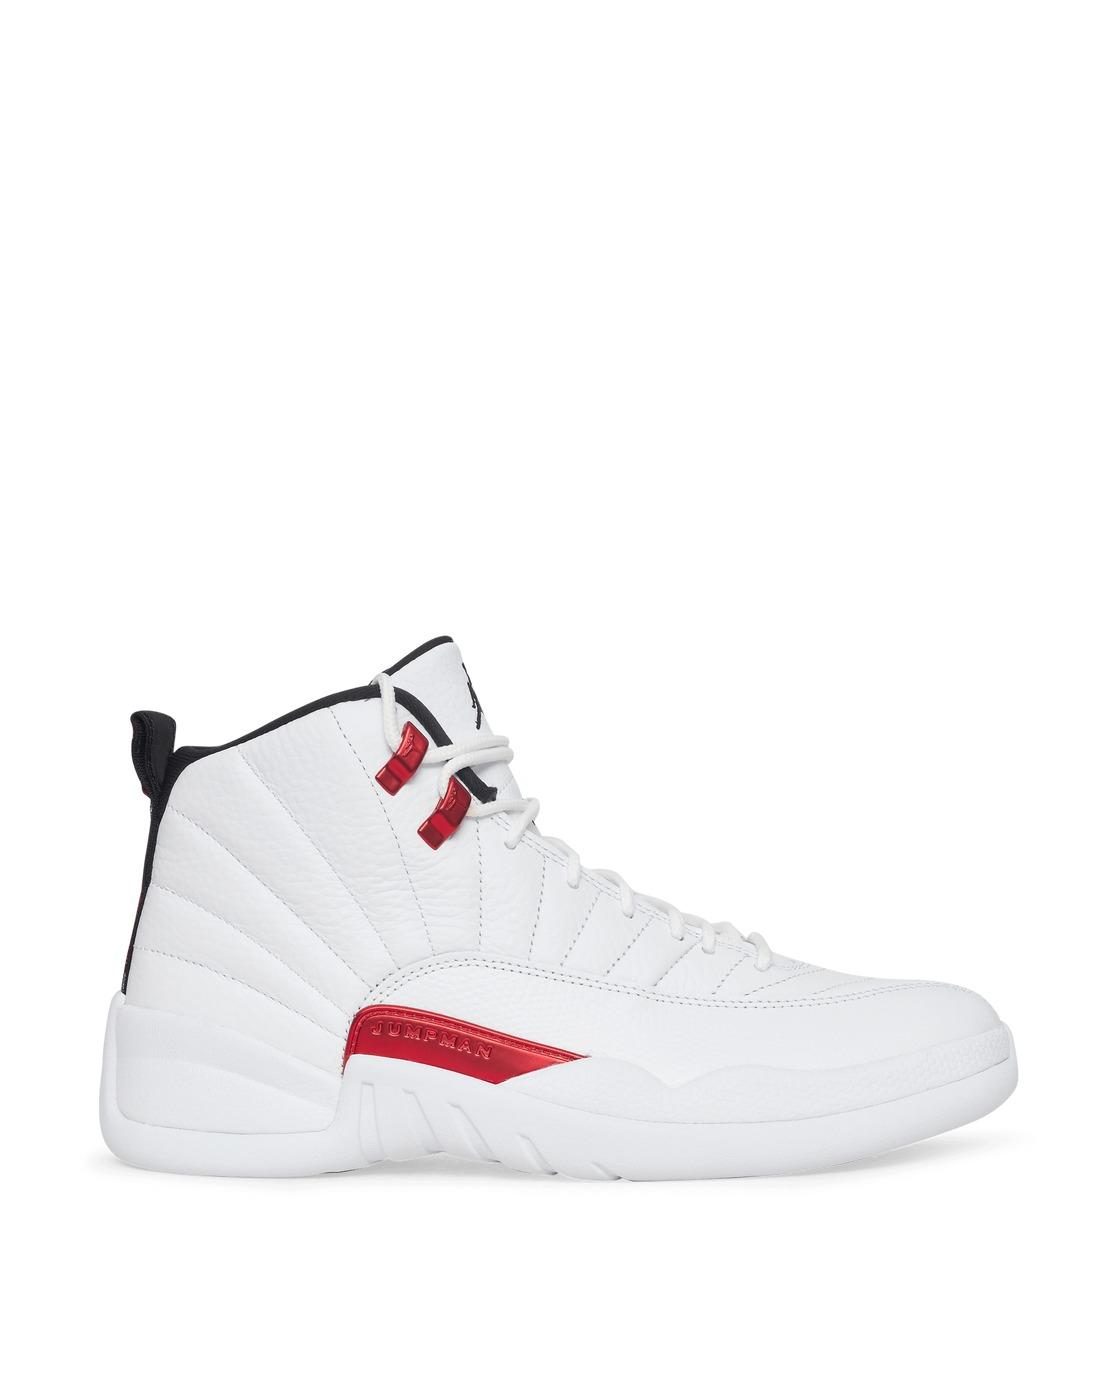 Photo: Nike Jordan Air Jordan 12 Retro Sneakers White/Black